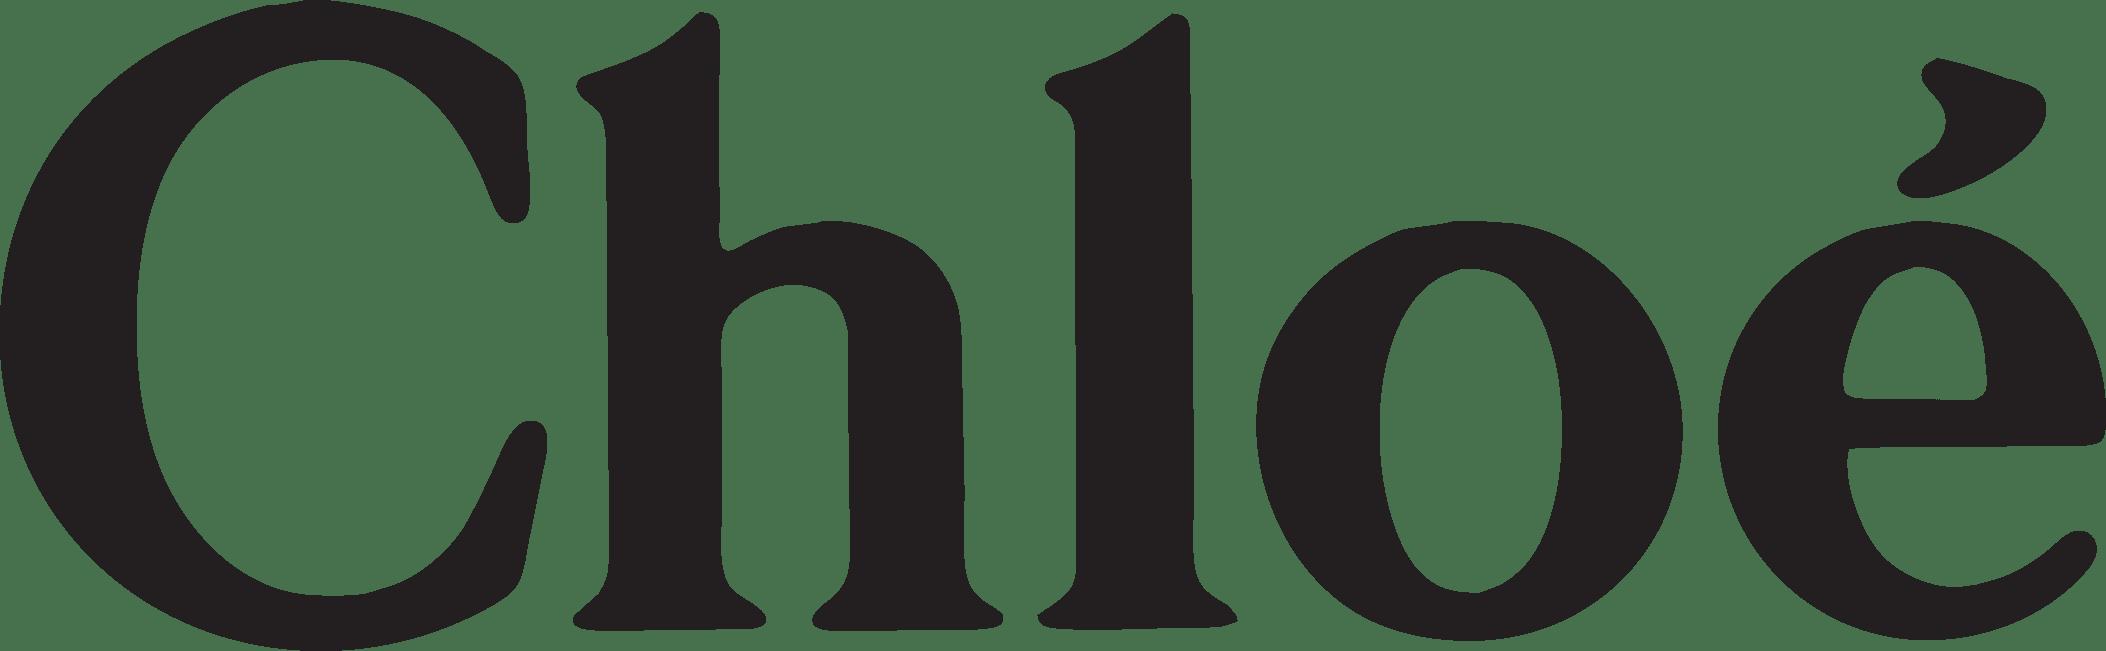 logo van het merk chloé te koop bij Coccinelle.nl